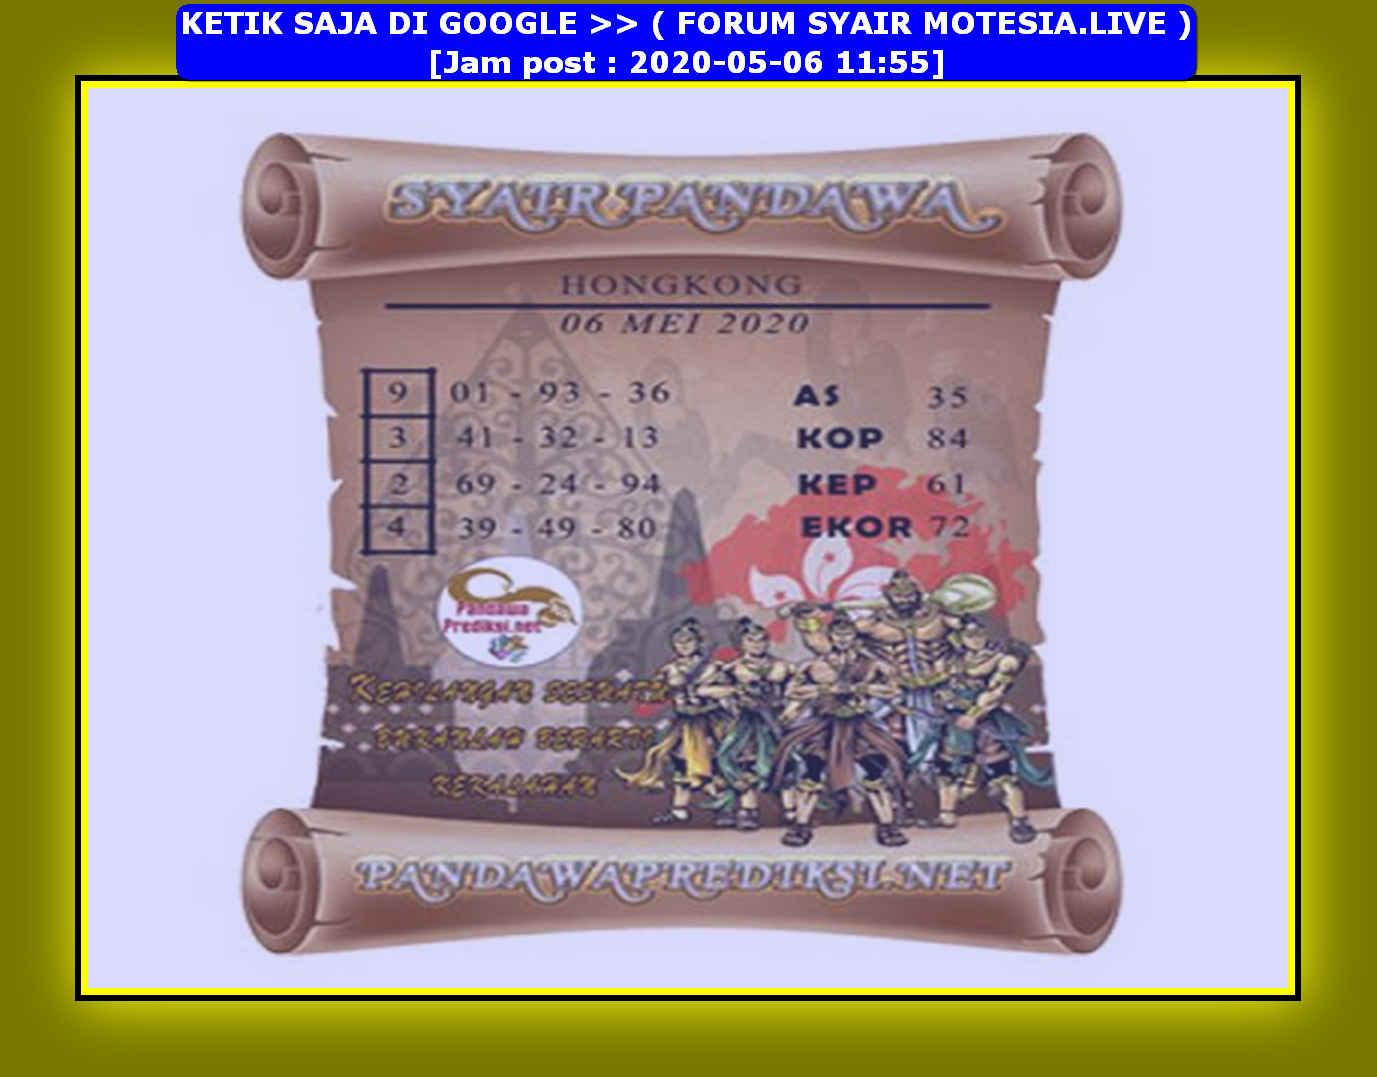 Kode syair Hongkong Rabu 6 Mei 2020 210